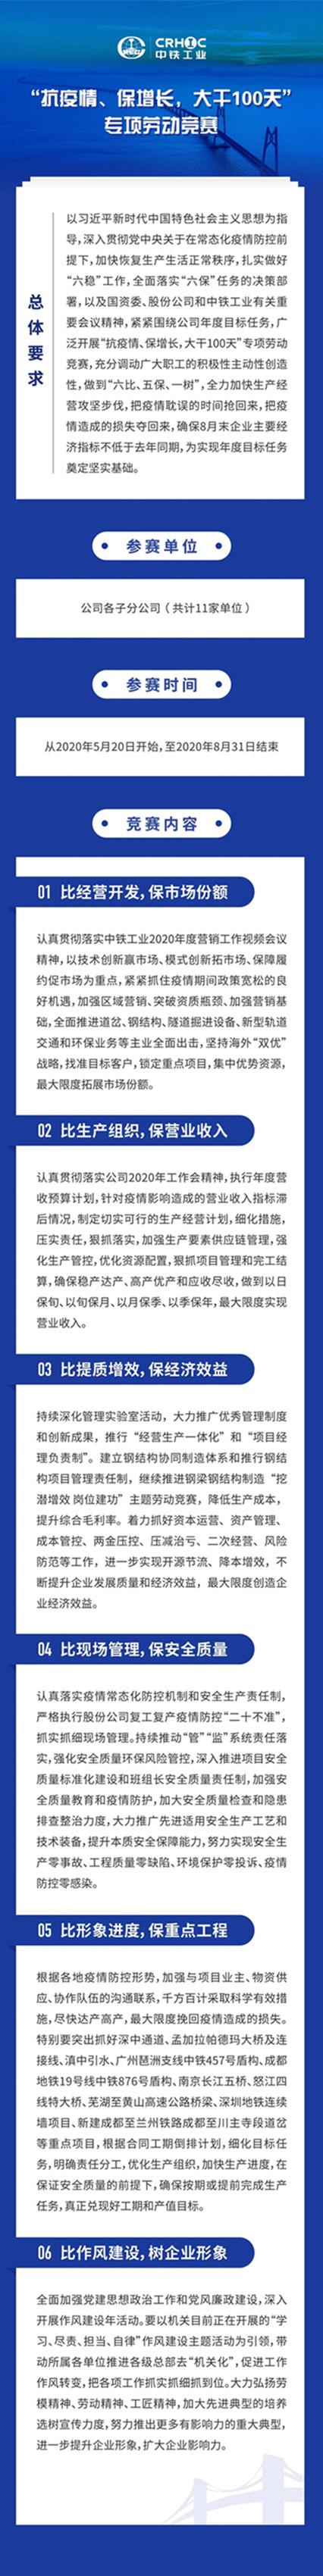 """中铁工业吹响""""百日攻坚""""冲锋号"""